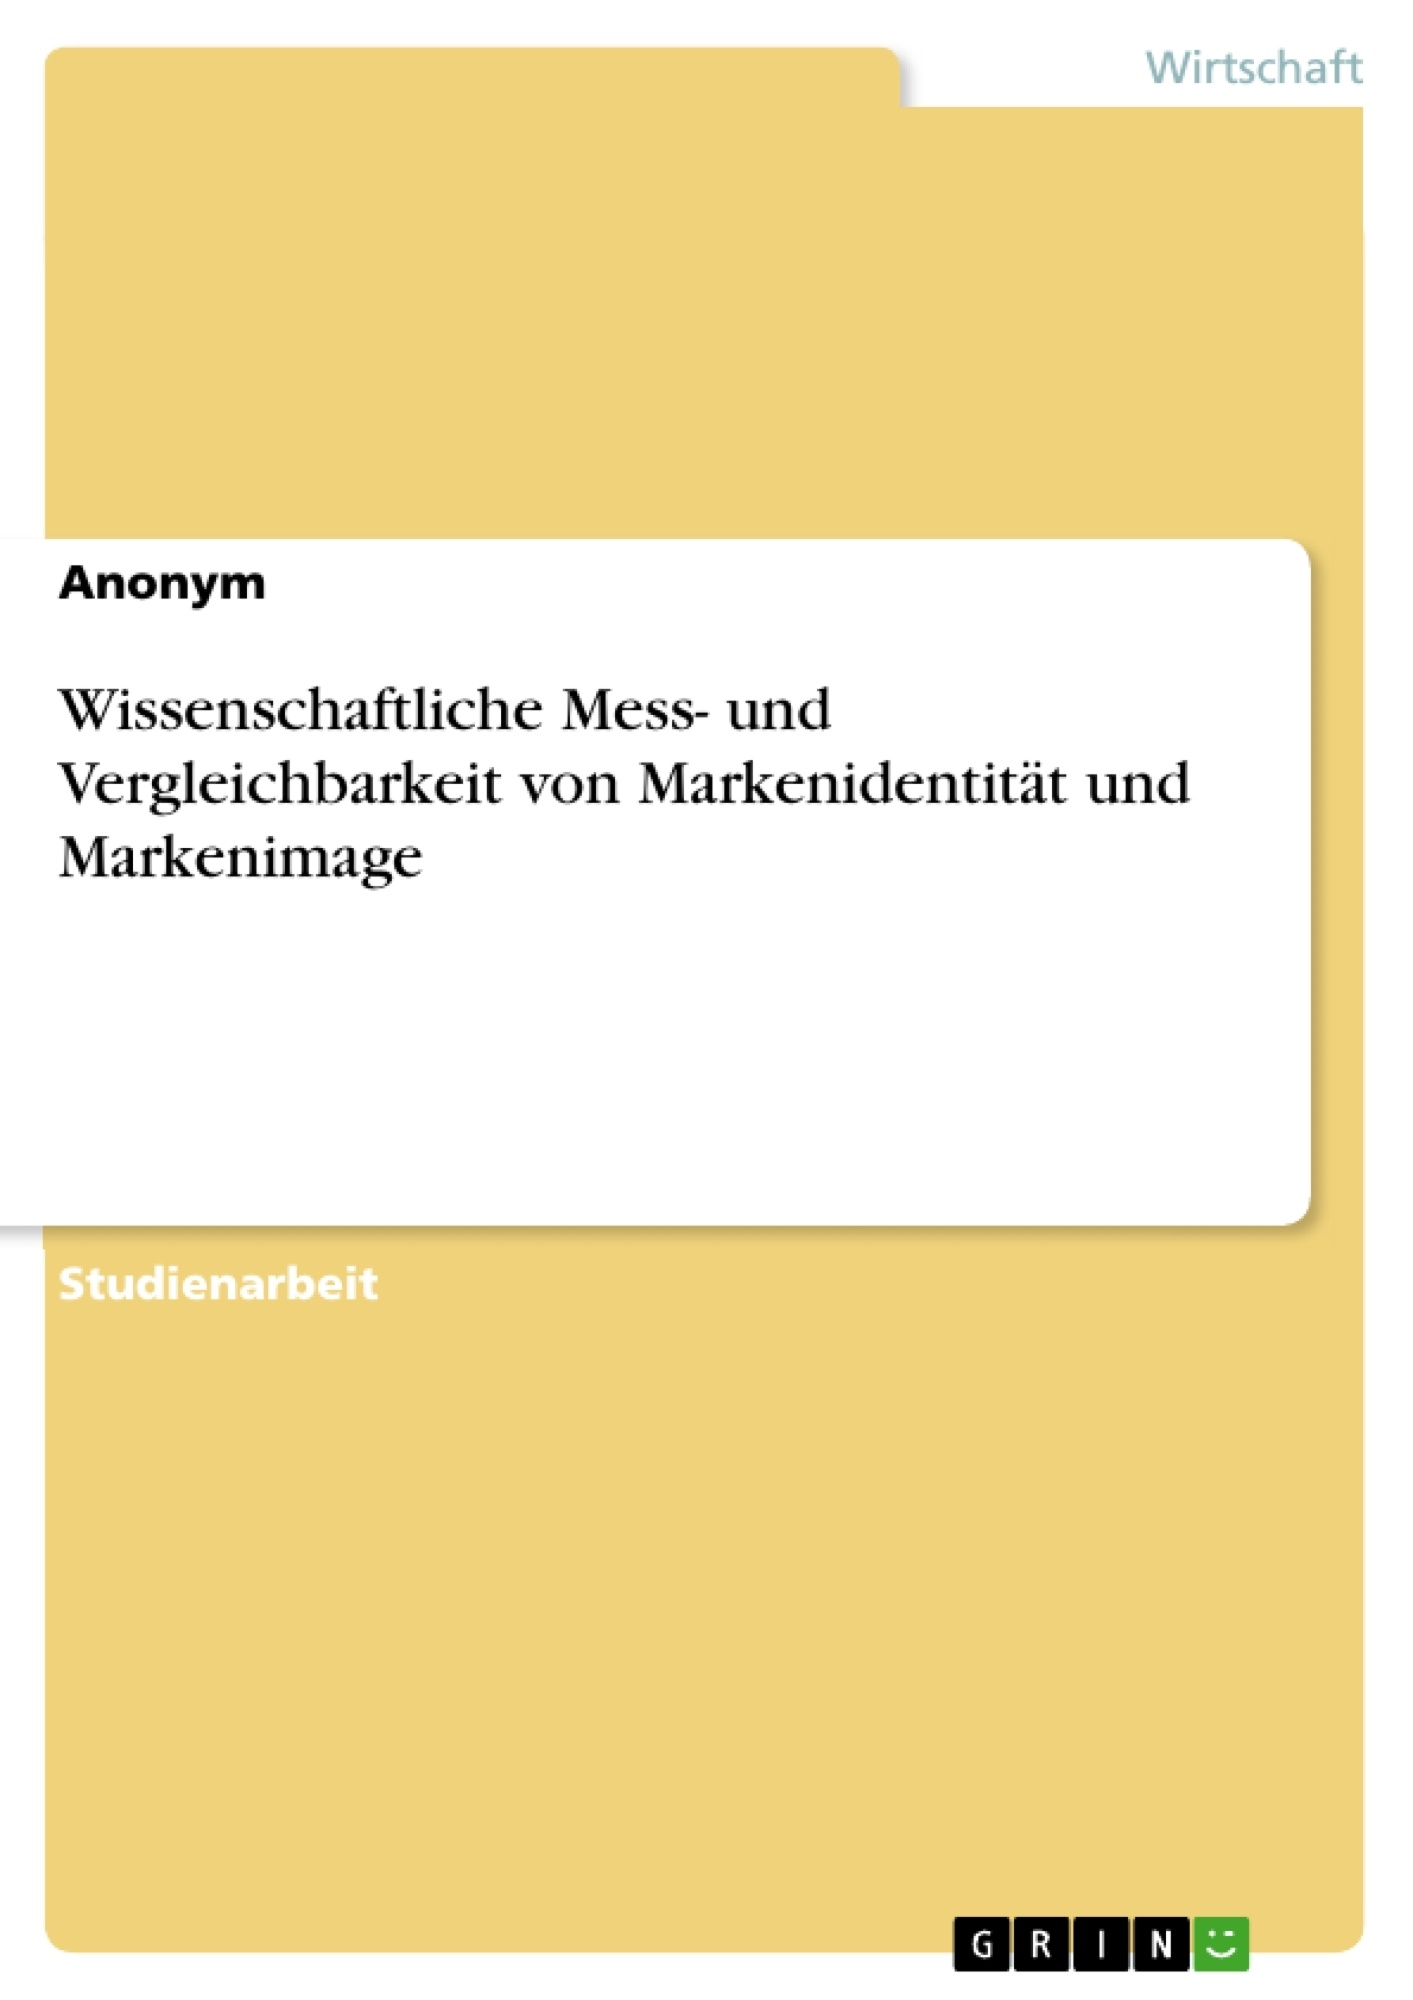 Titel: Wissenschaftliche Mess- und Vergleichbarkeit von Markenidentität und Markenimage